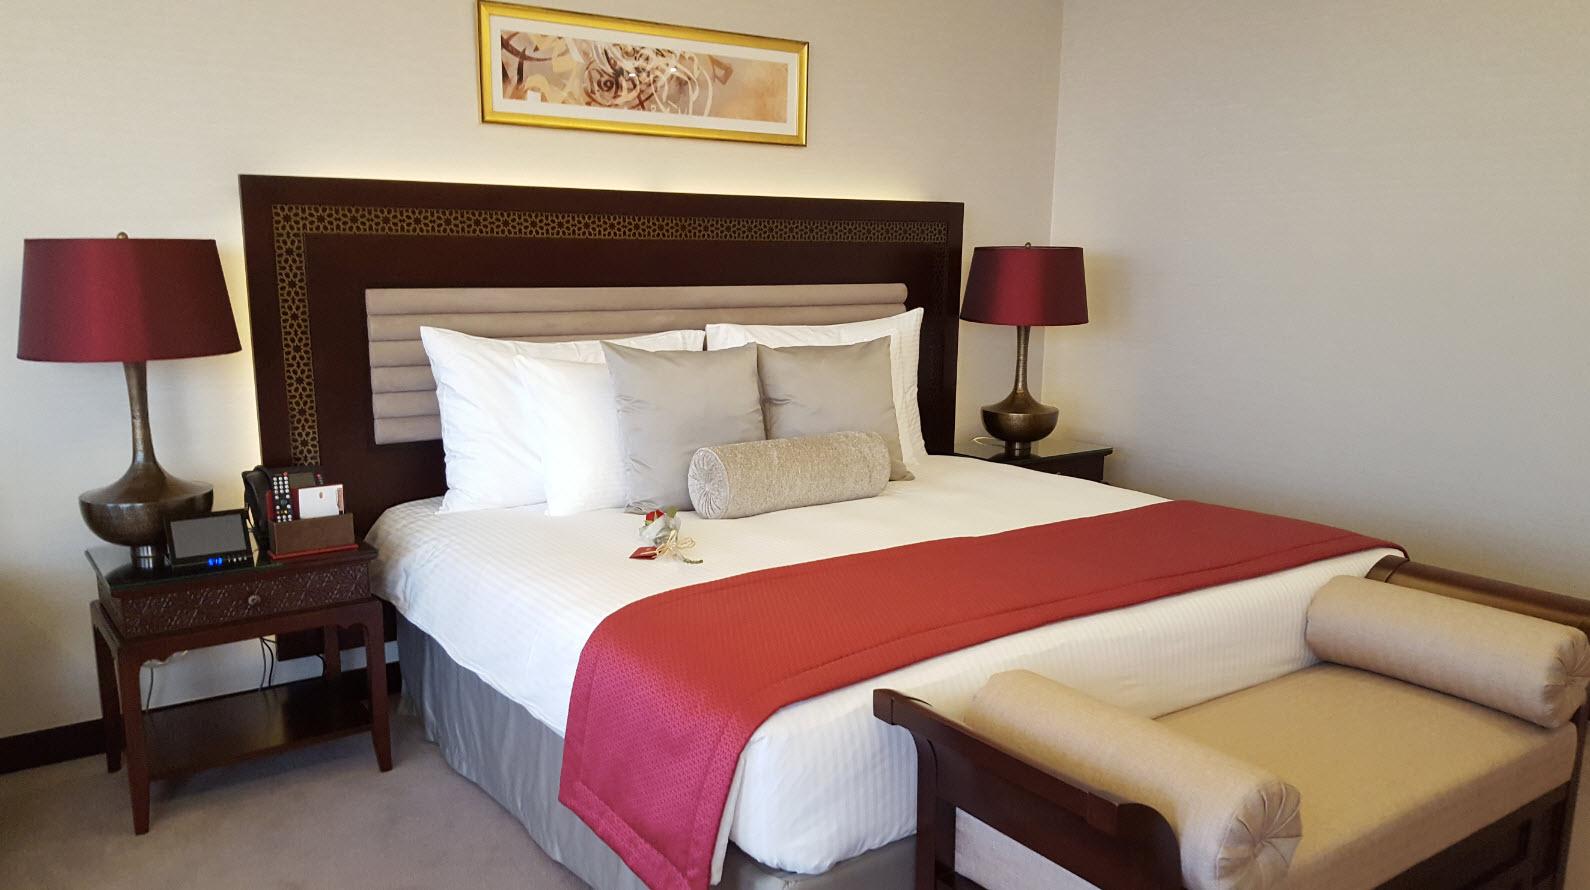 Lit king size Suite Bab Al Qasr